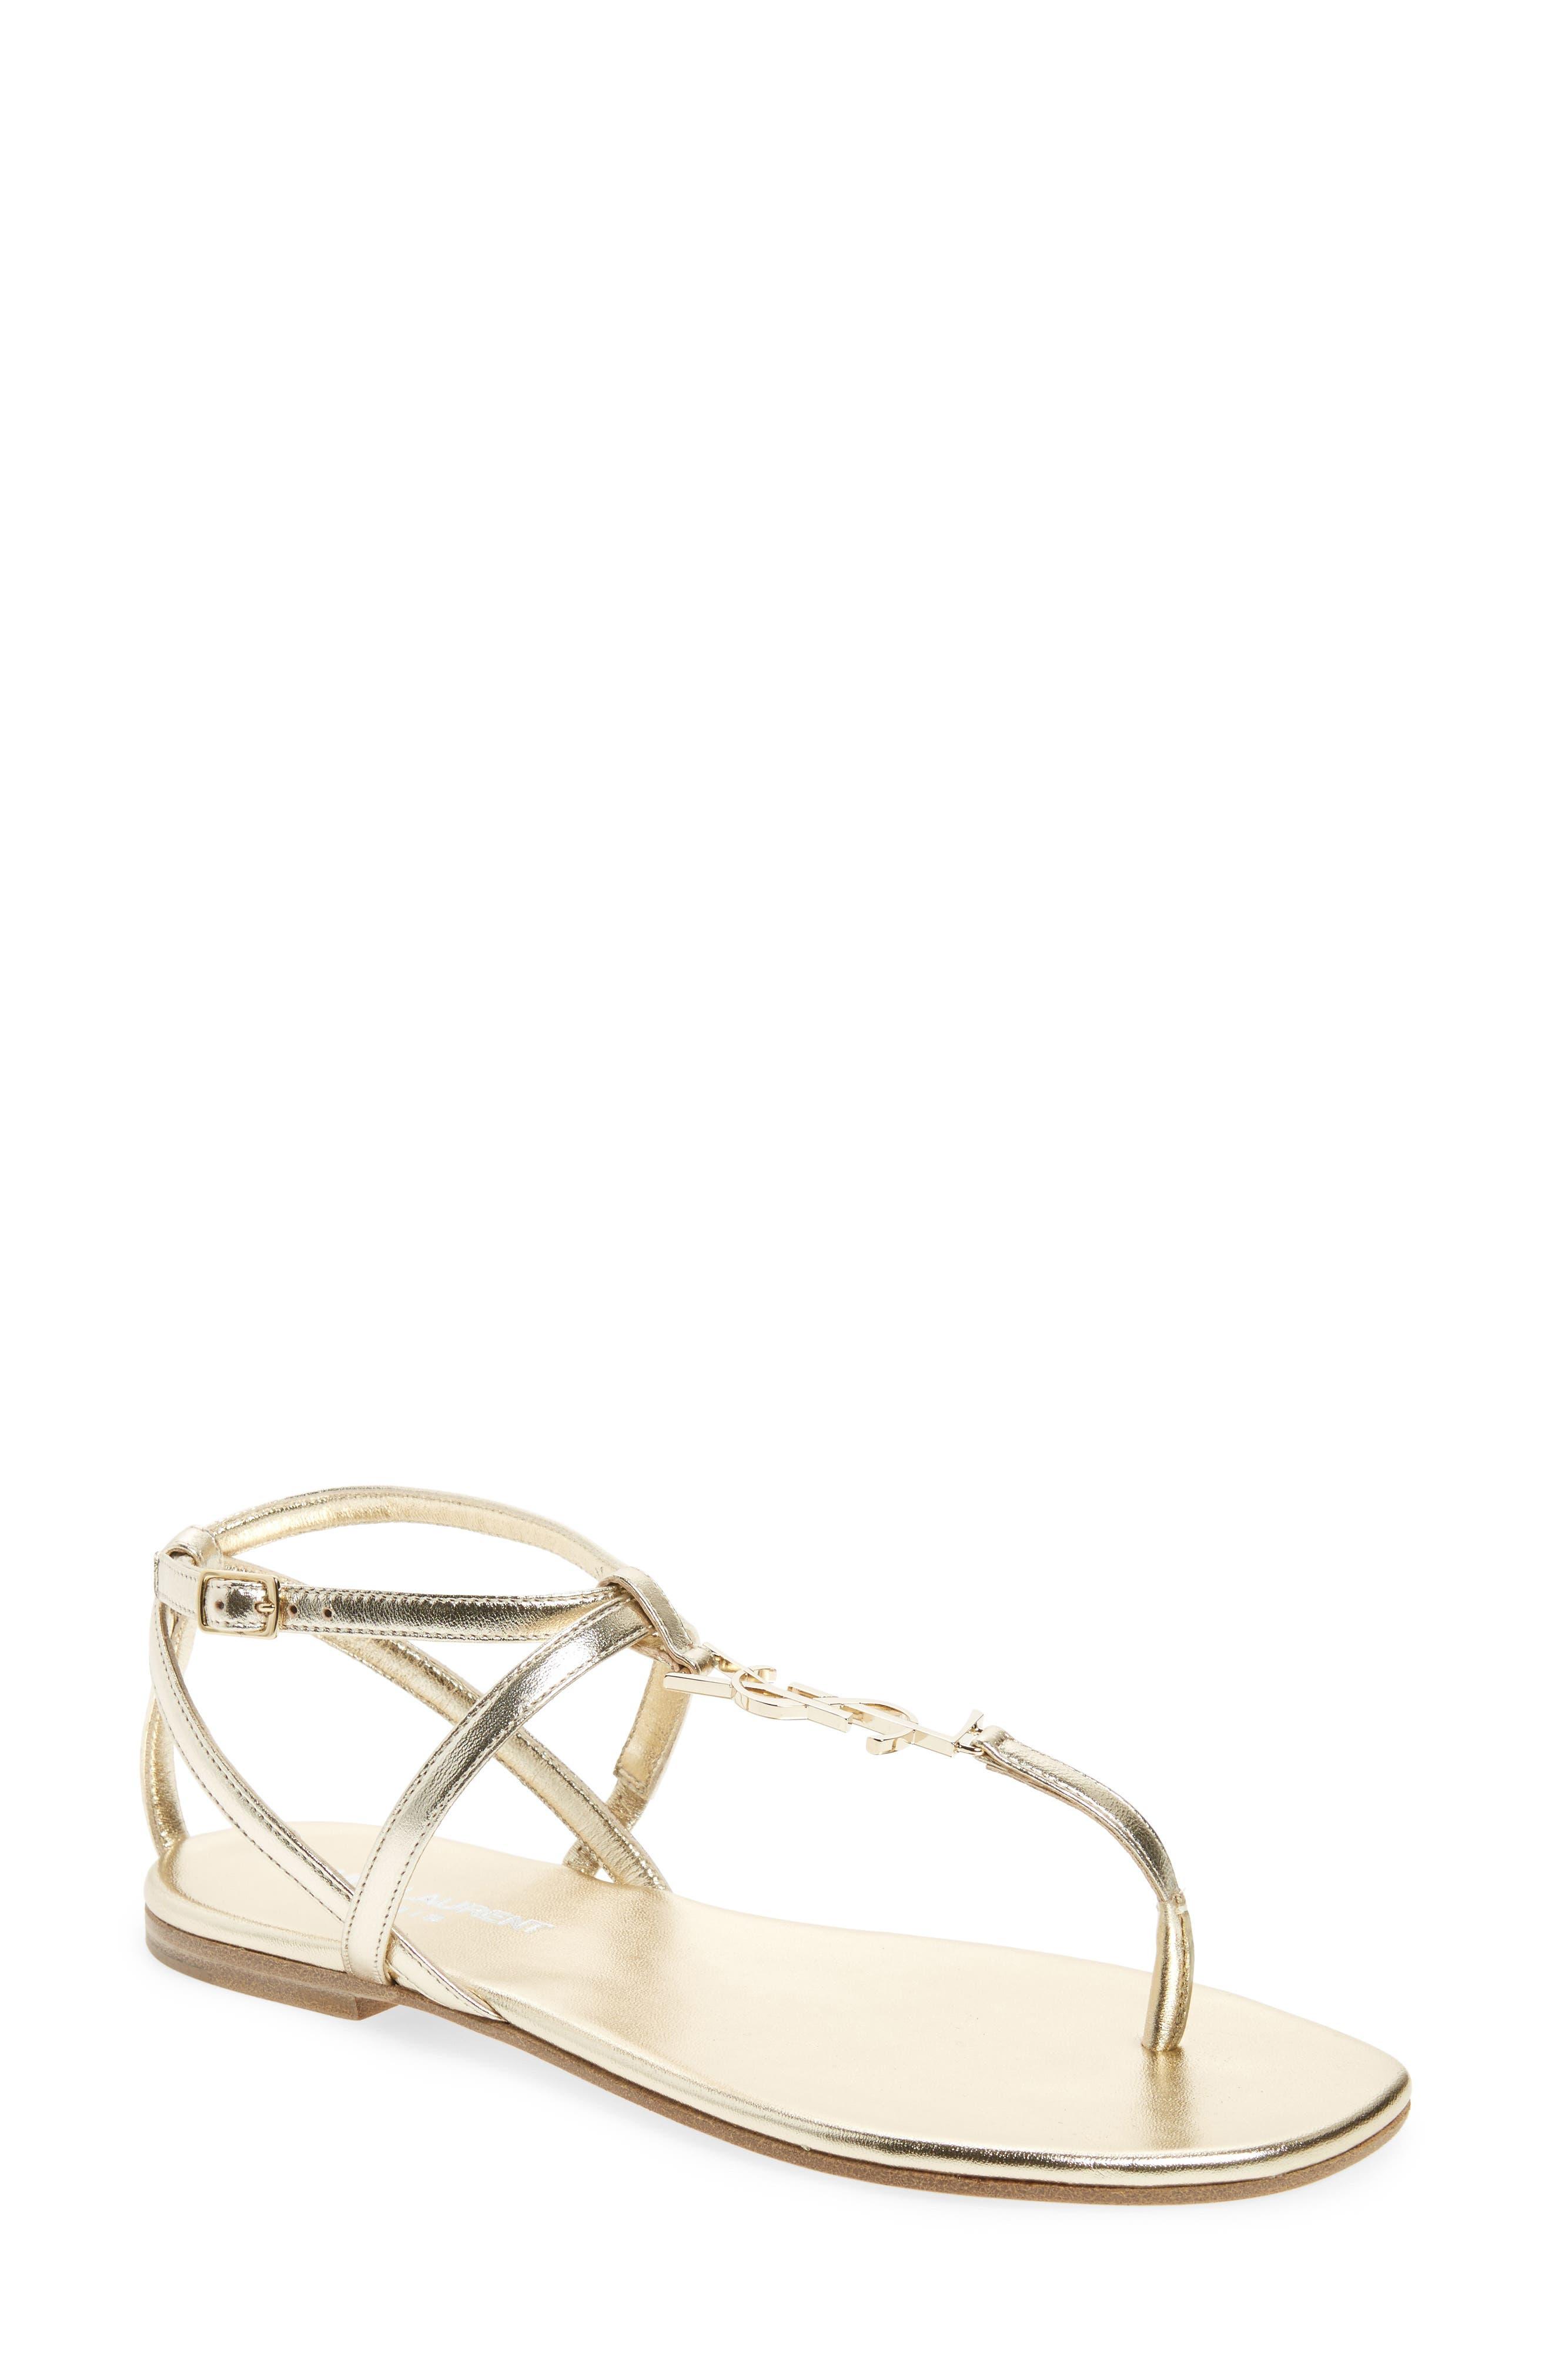 Main Image - Saint Laurent Nu Pied T-Strap Sandal (Women)